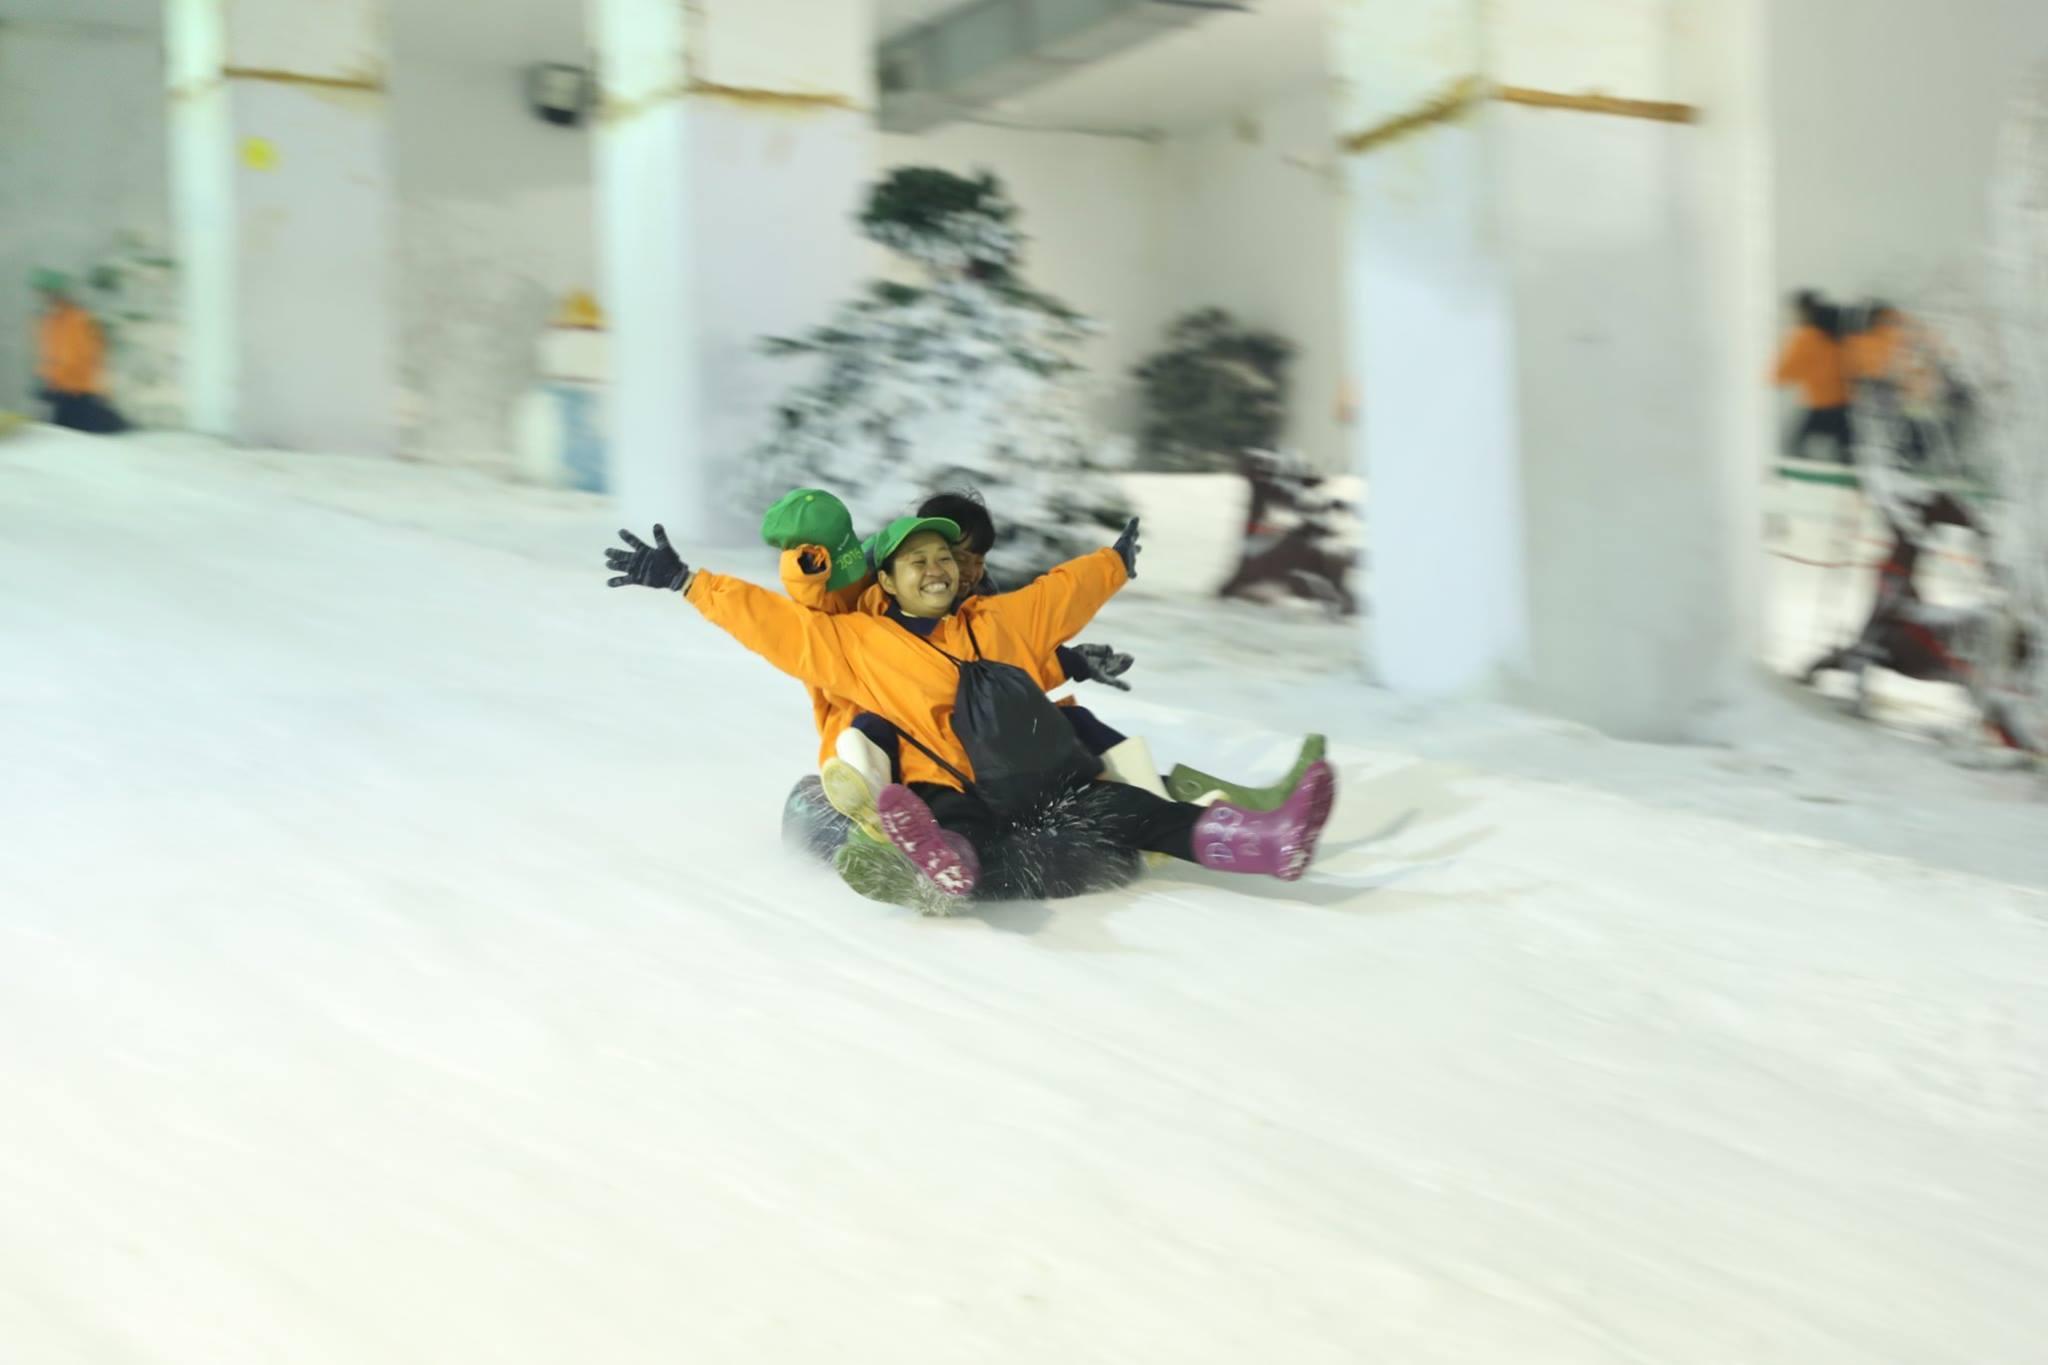 dai nam snow house